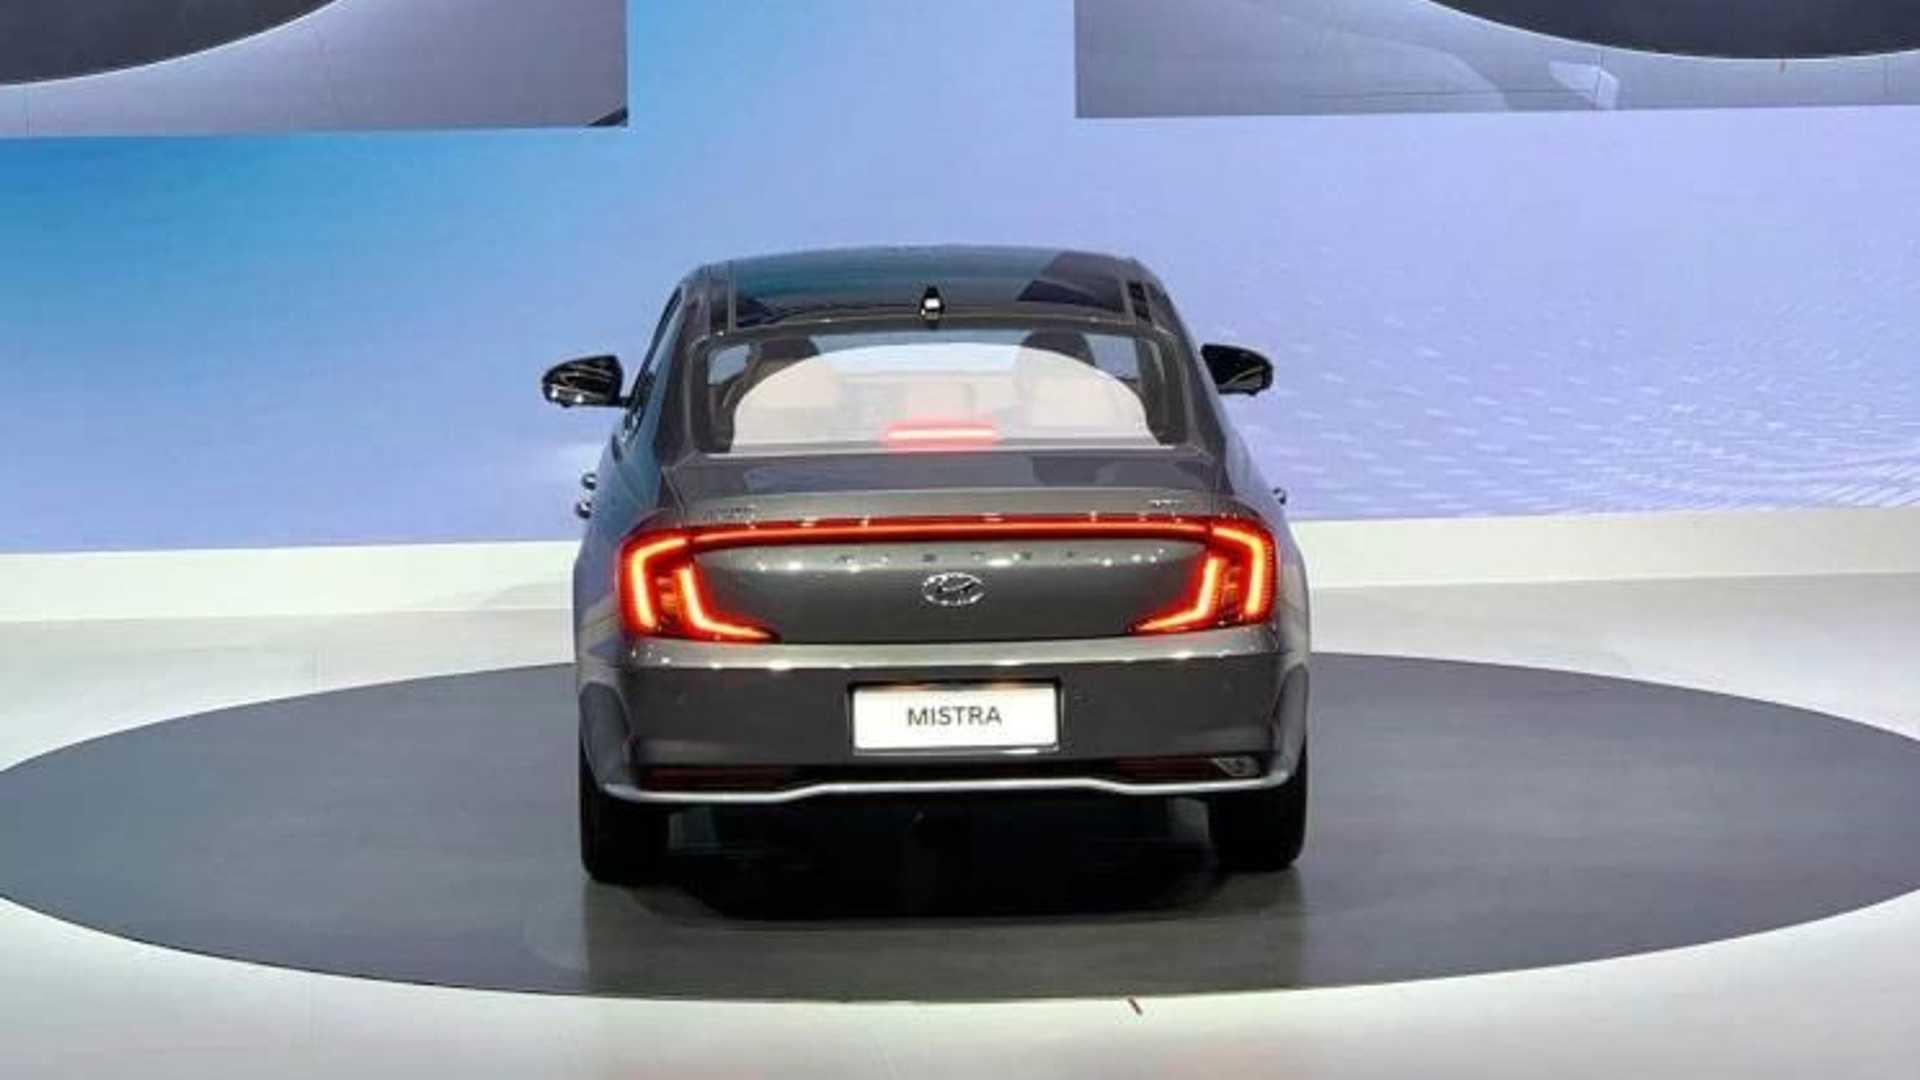 Hyundai Mistra 2021 ra mắt, thiết kế độc quyền cho Trung Quốc hyundai-mistra-2021-china.jpg